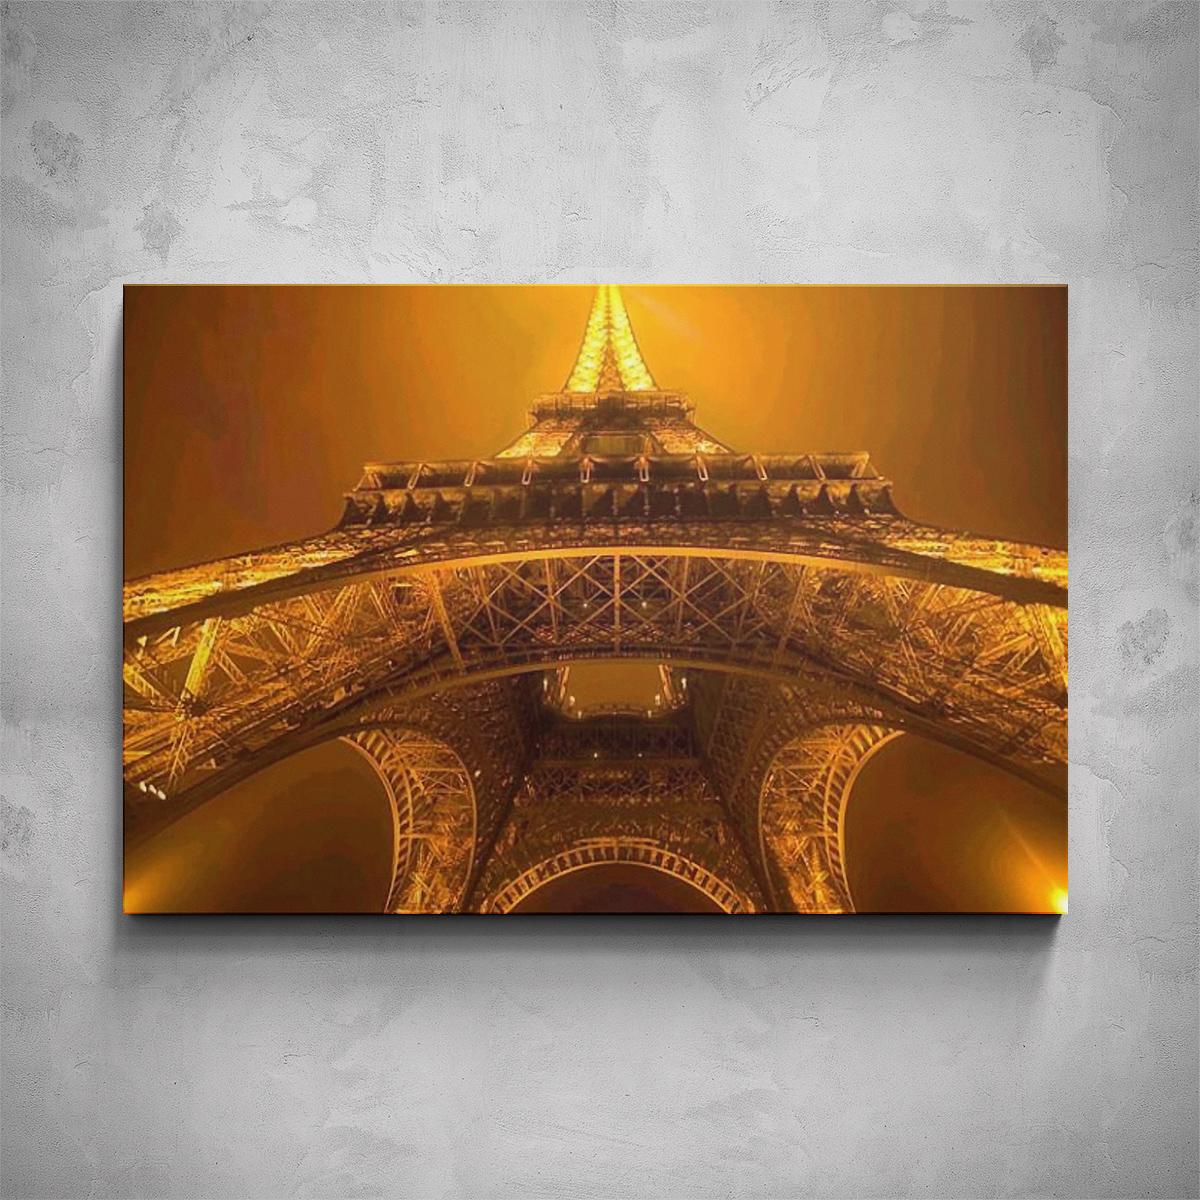 Obraz - Osvícená Eiffelova věž - PopyDesign